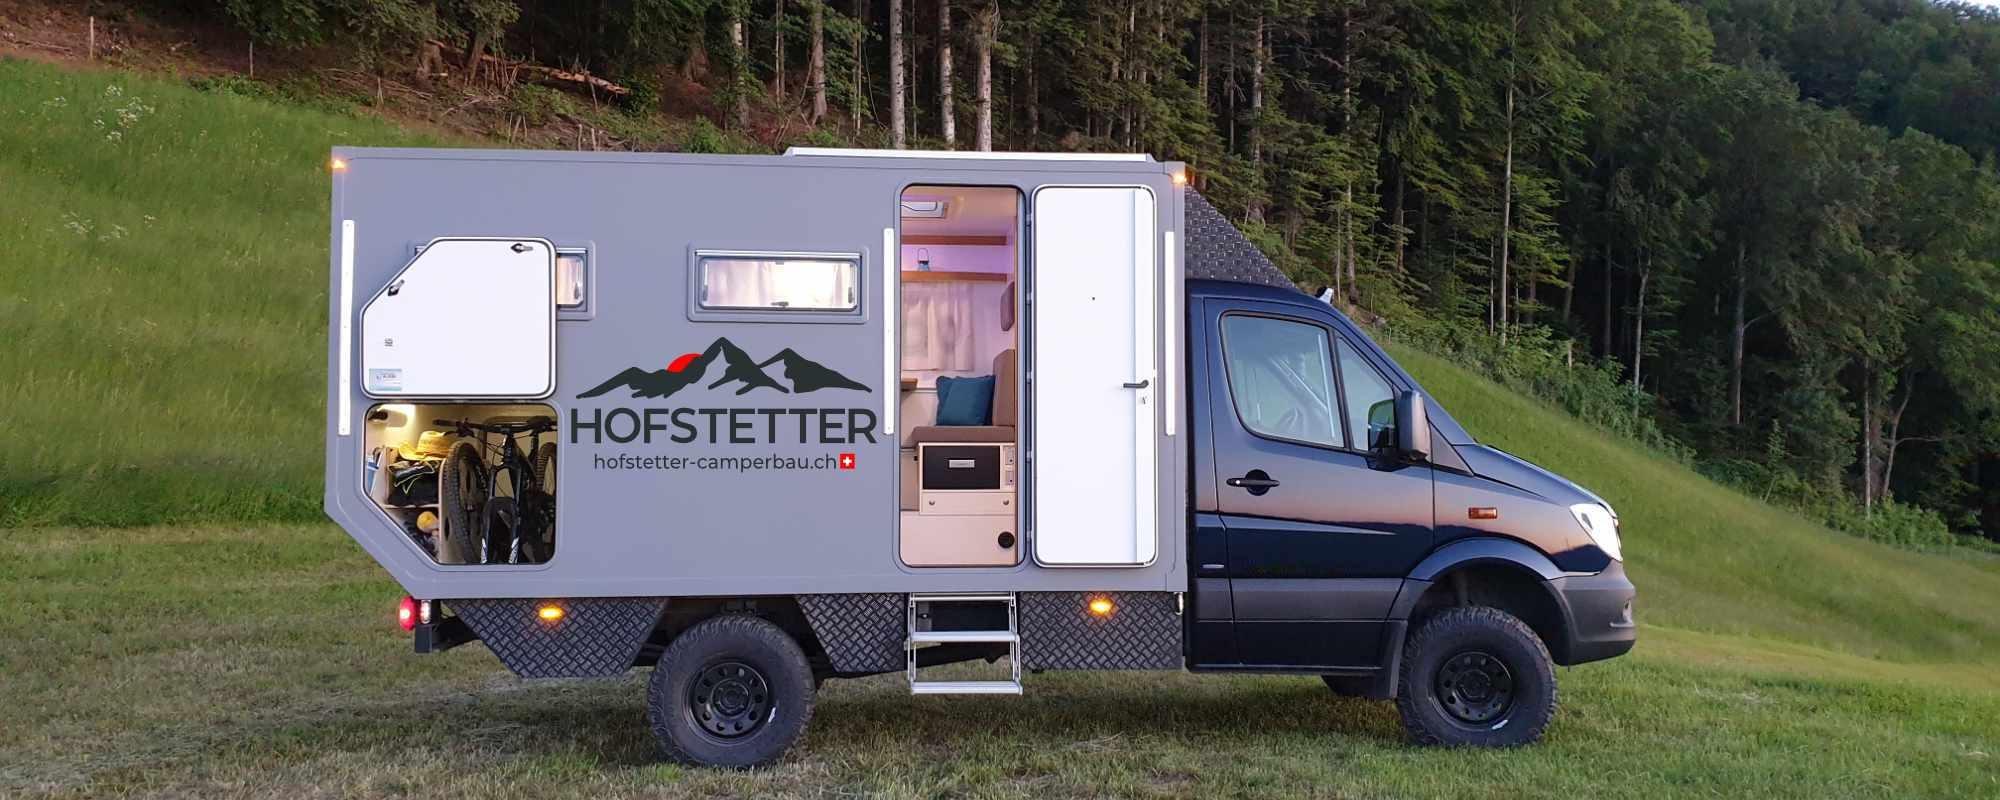 Camper offen mit Logo